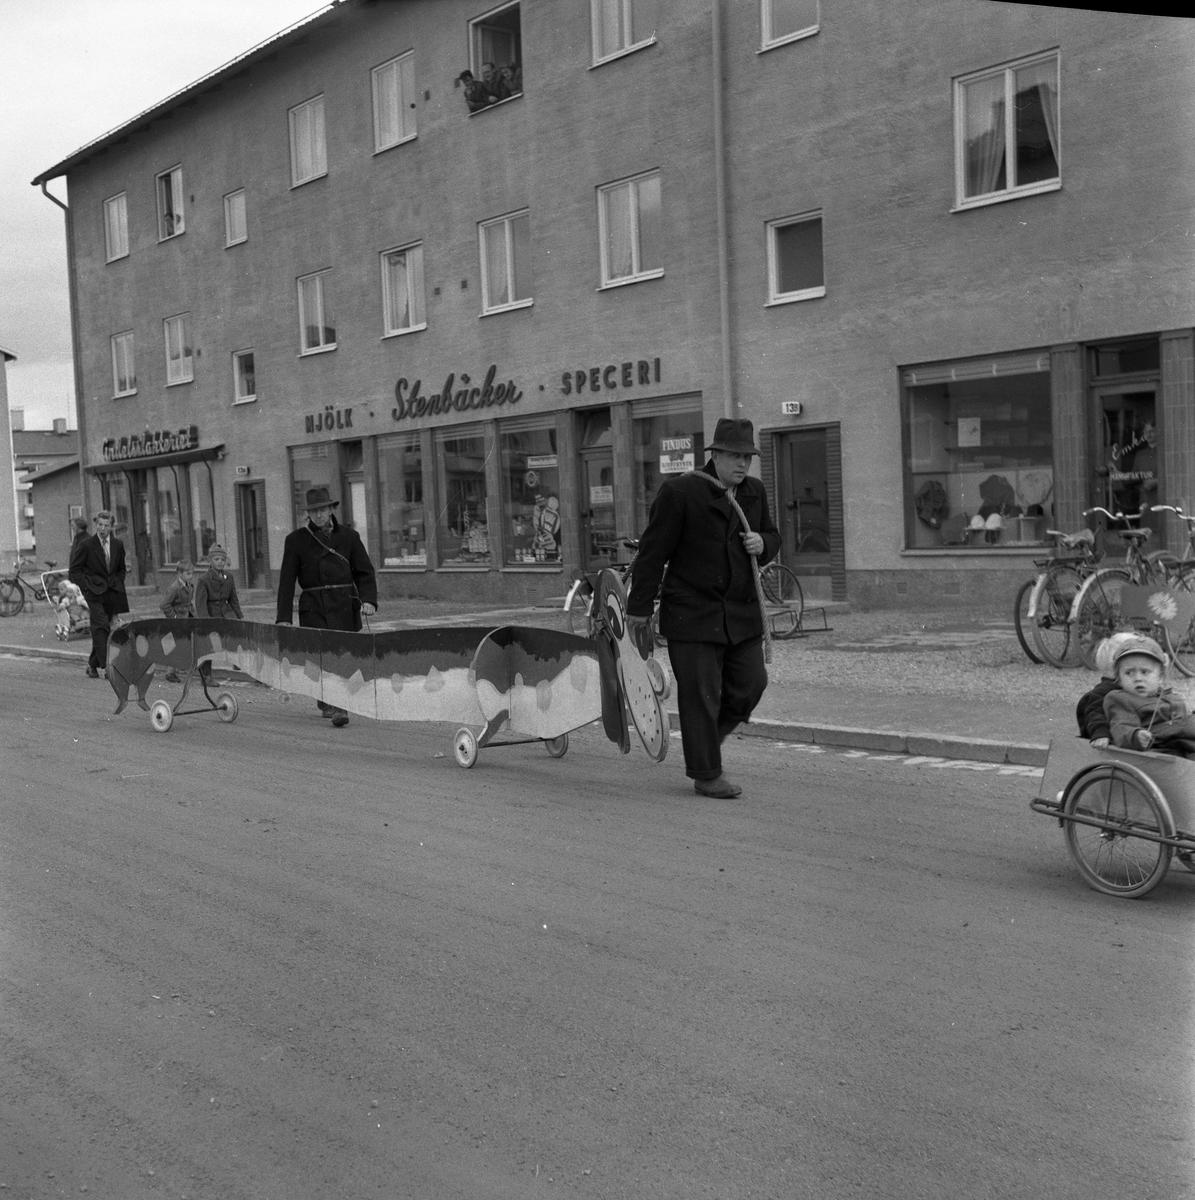 Barnens Dag firas. Två män leder en flera meter lång Bassethund på hjul. Framför dem ses en liten pojke i en kärra. Han har en Barnens-Dags-flagga i handen. I bakgrunden ses Stenbäcker Mjölk och Specerier.